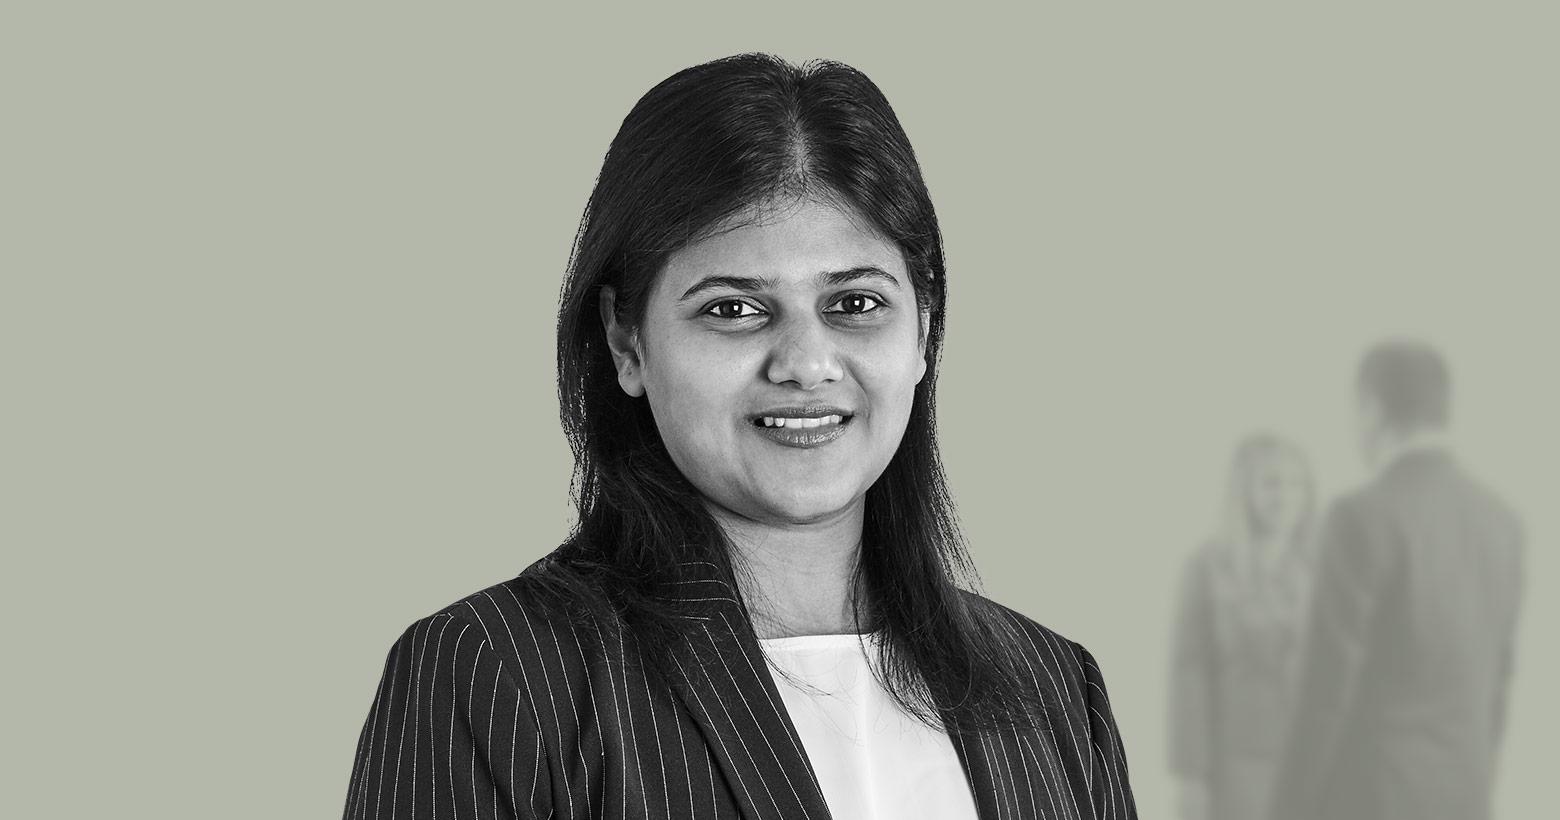 Srishti Gupta